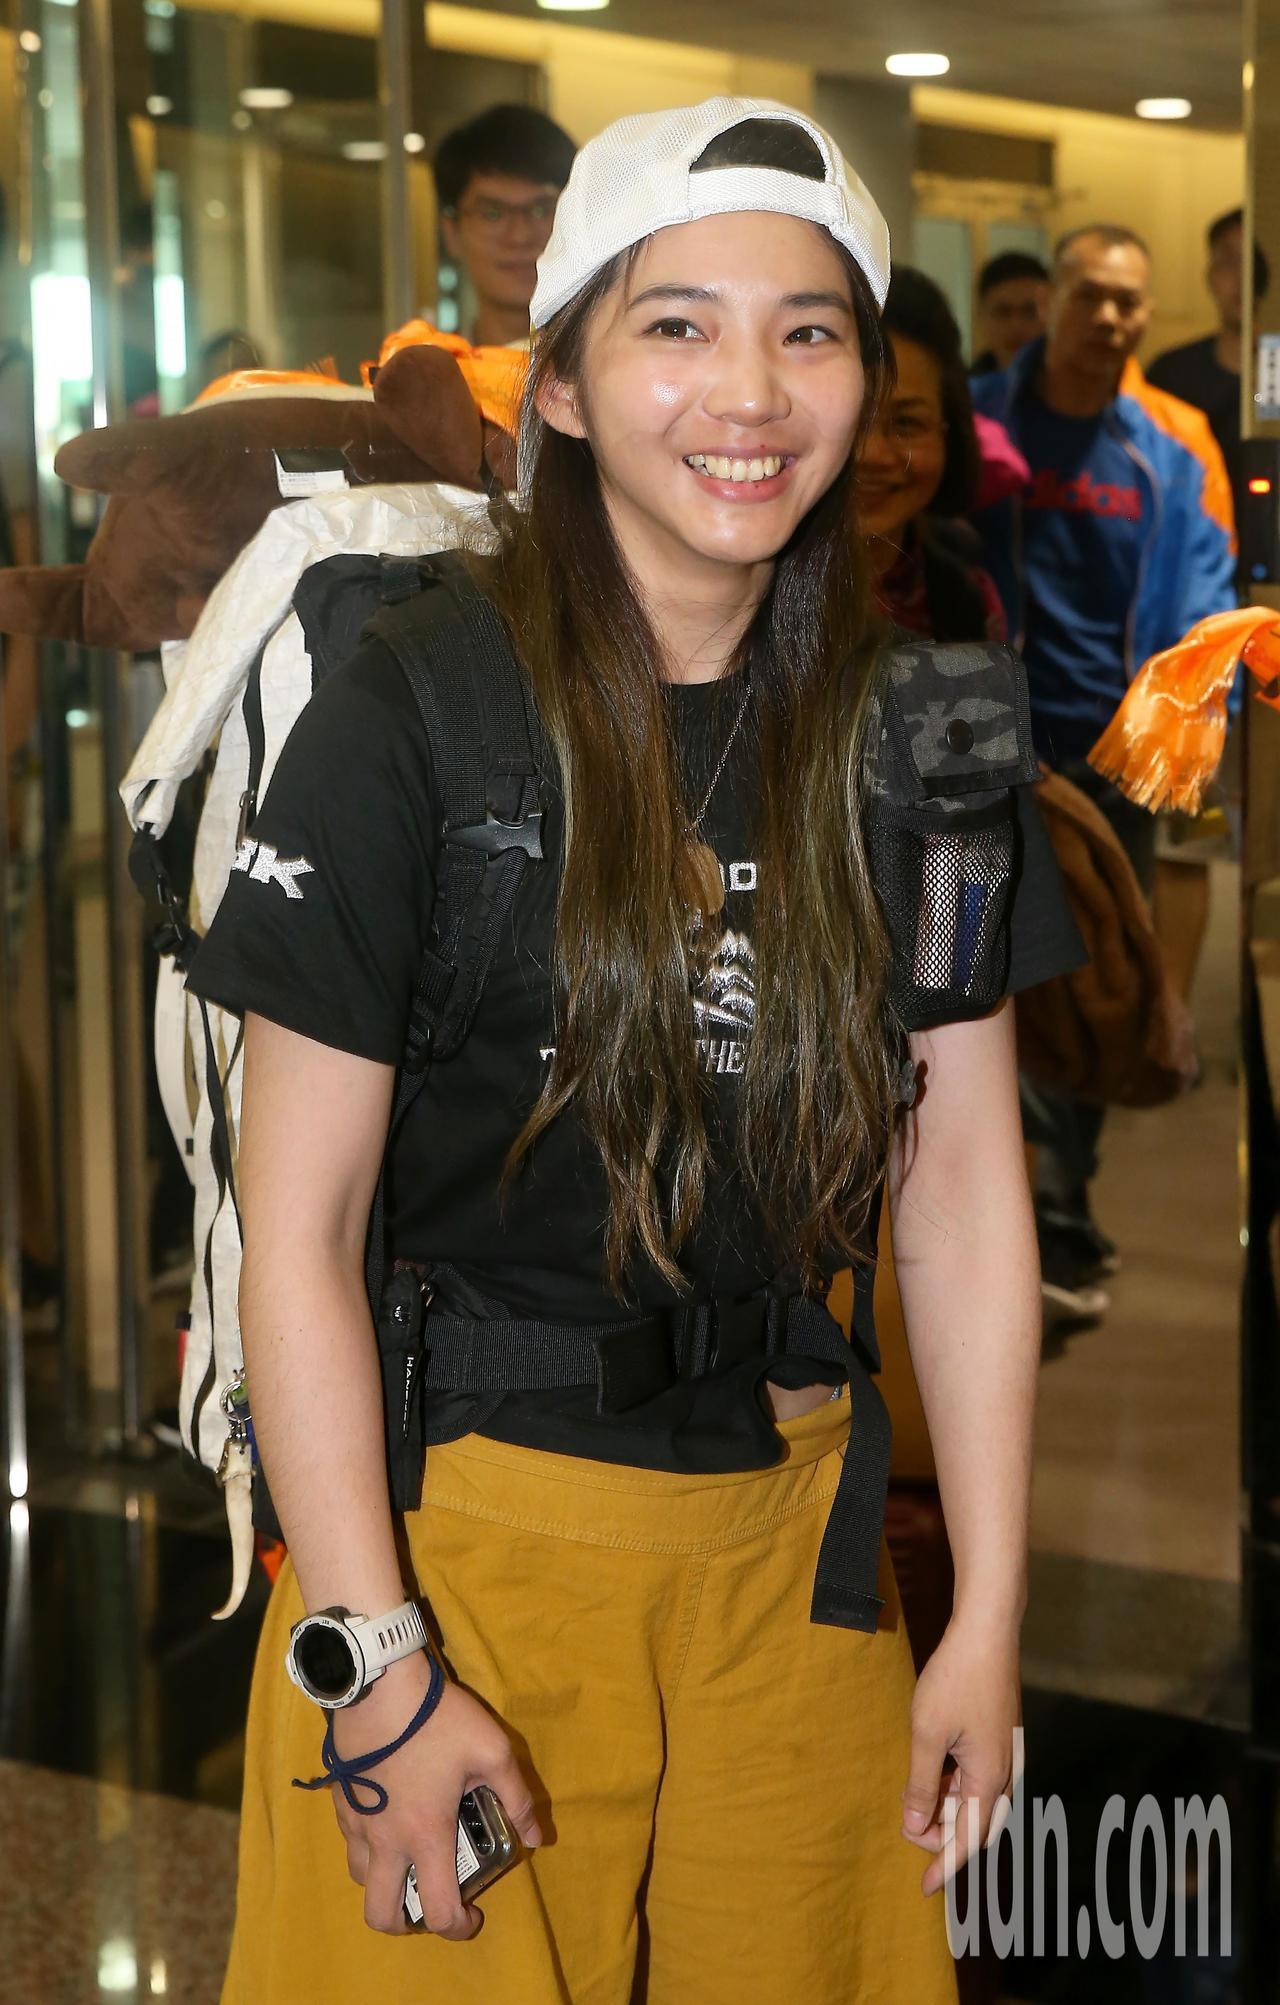 攀登聖母峰成功的詹喬愉,4日中午搭機返抵桃園機場,一下飛機看到媒體記者守候採訪,...